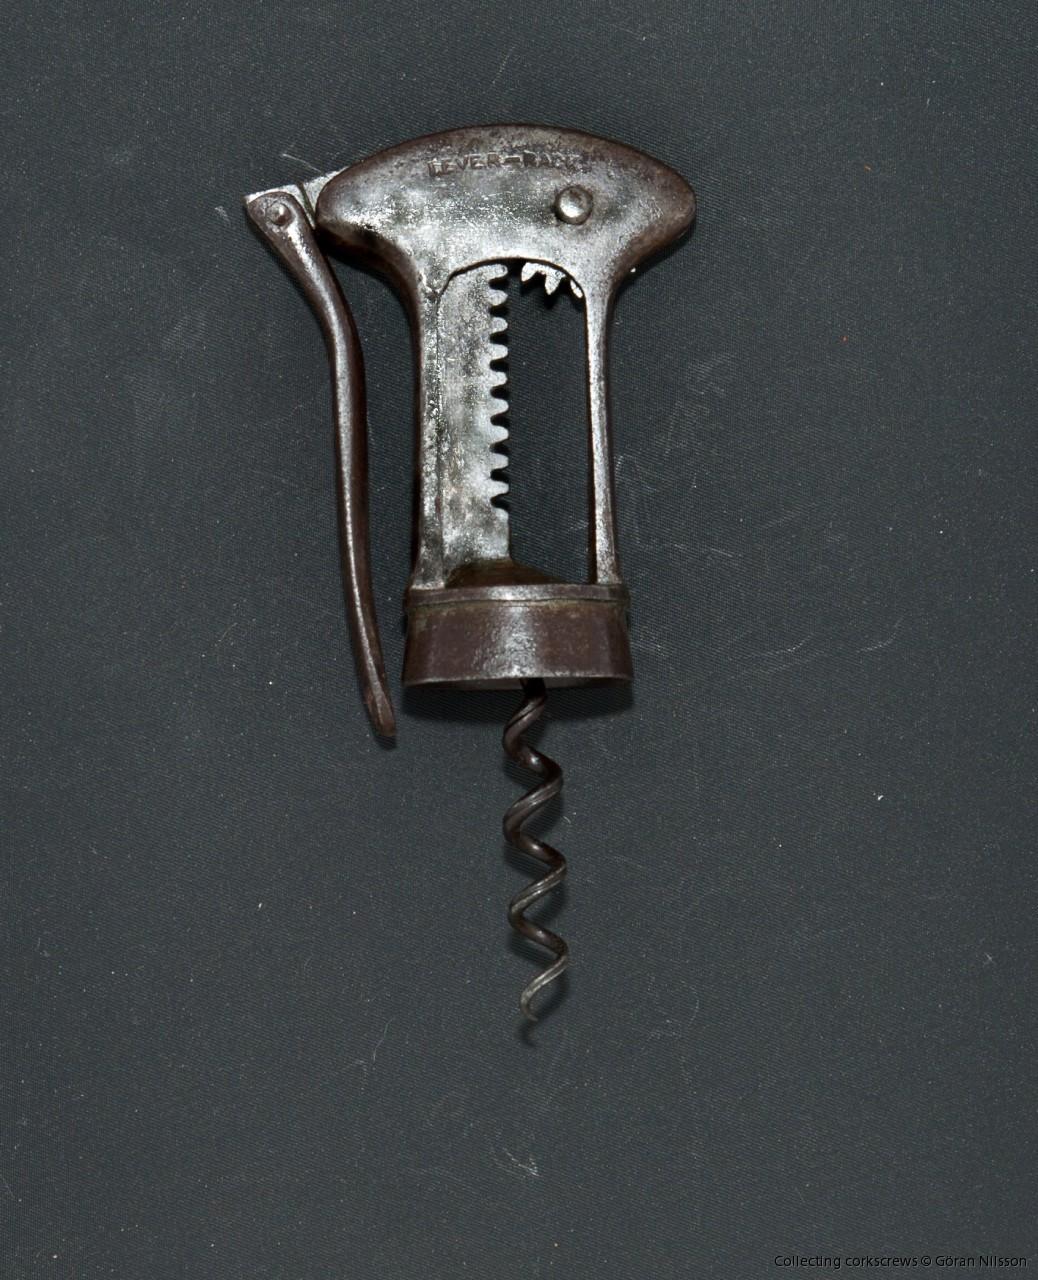 Other mechanisms | British mechanical corkscrews